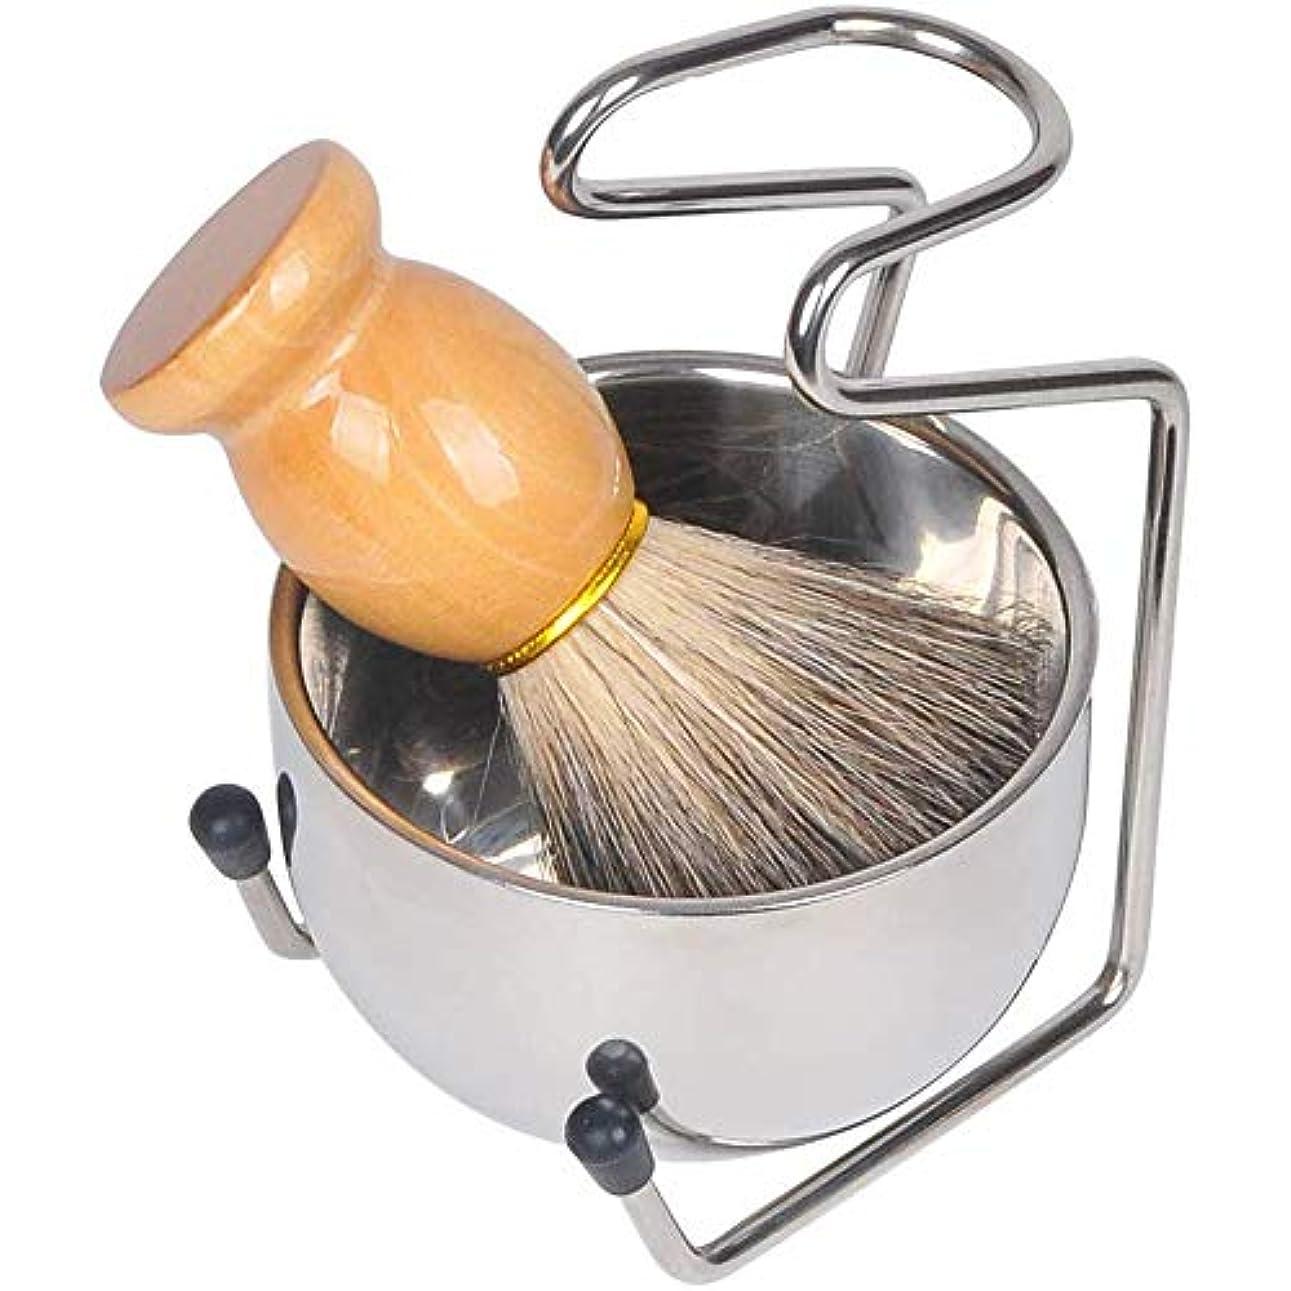 雰囲気天使細菌3点セット ひげブラシ シェービング石鹸ボウルシェービングブラシセット洗顔ブラシ メンズ 理容 髭剃り 泡立ち毛